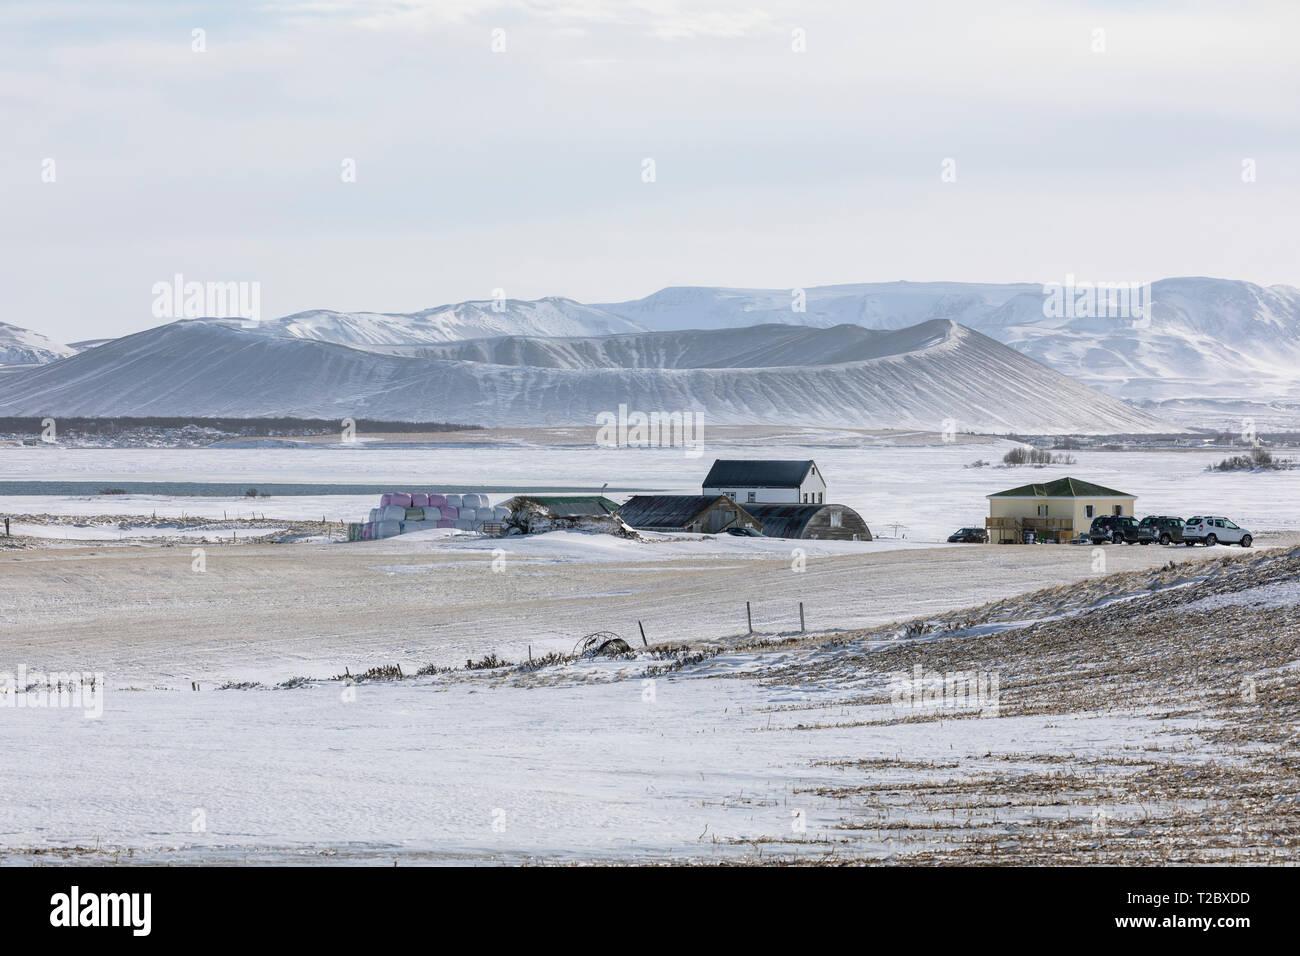 Myvatn, Nordurland Eystra, Iceland, Europe - Stock Image